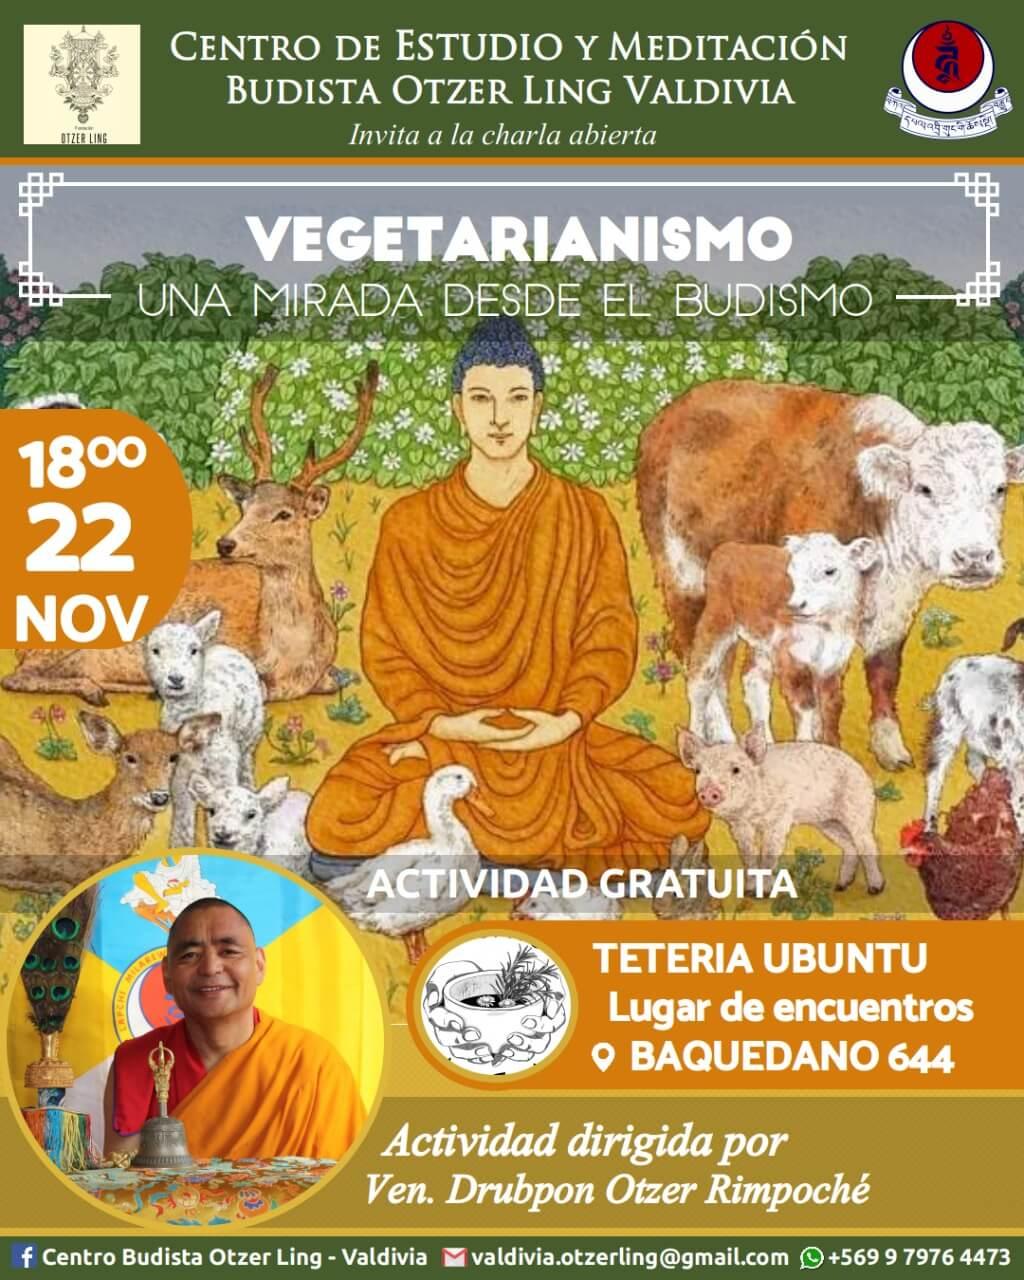 Vegetarianismo-Una Mirada desde el Budismo